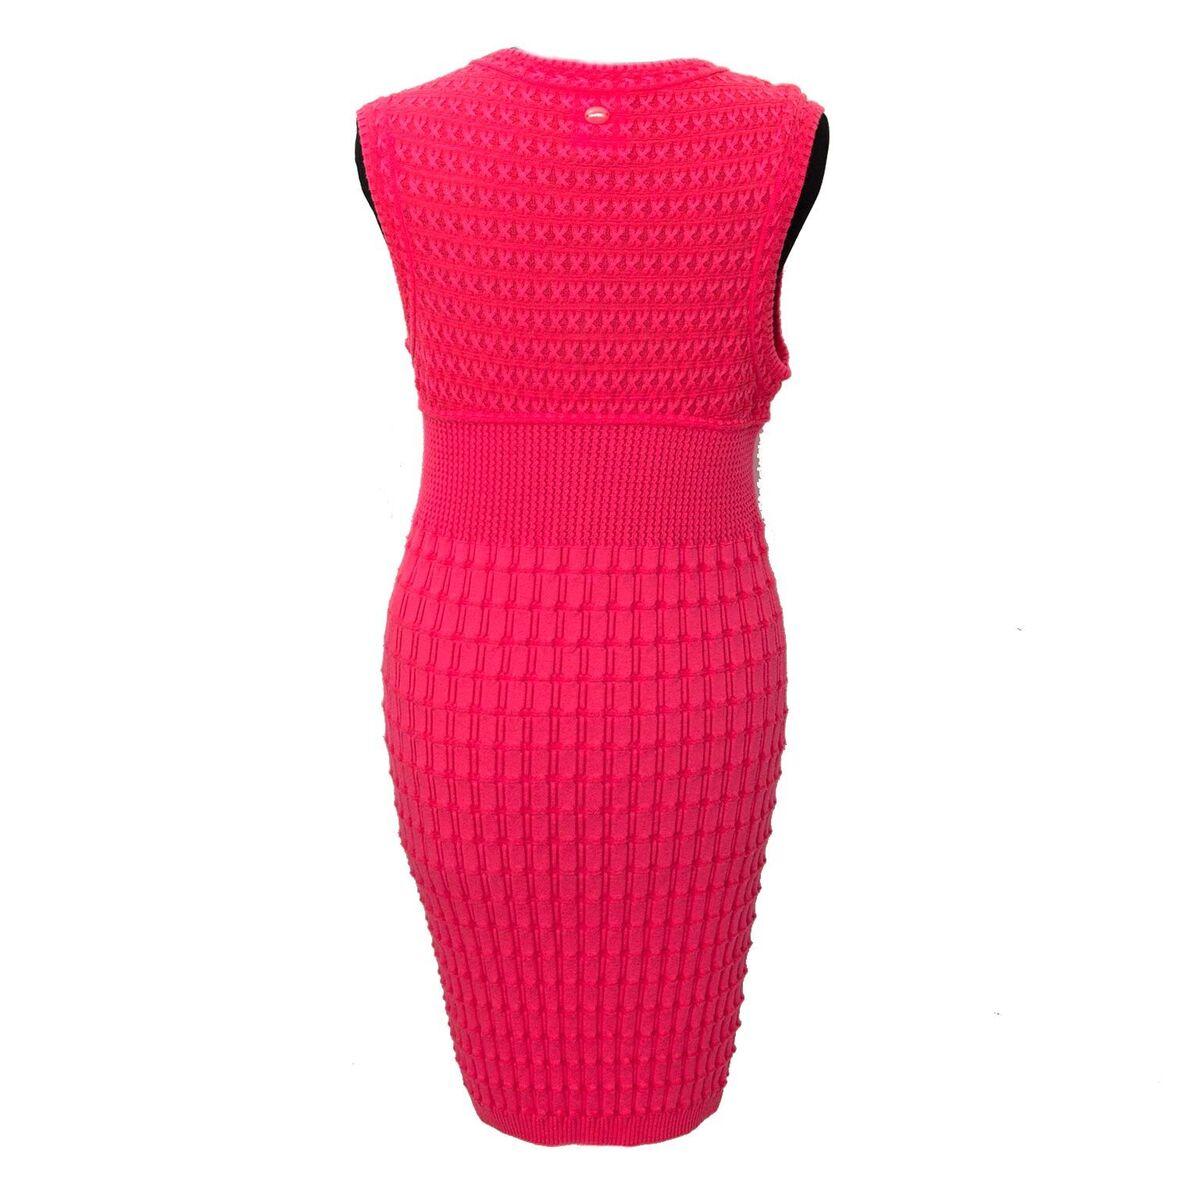 Koop authentieke tweedehands Chanel Dark Pink Dress  aan een eerlijke prijs bij LabelLOV. Veilig online shoppen.